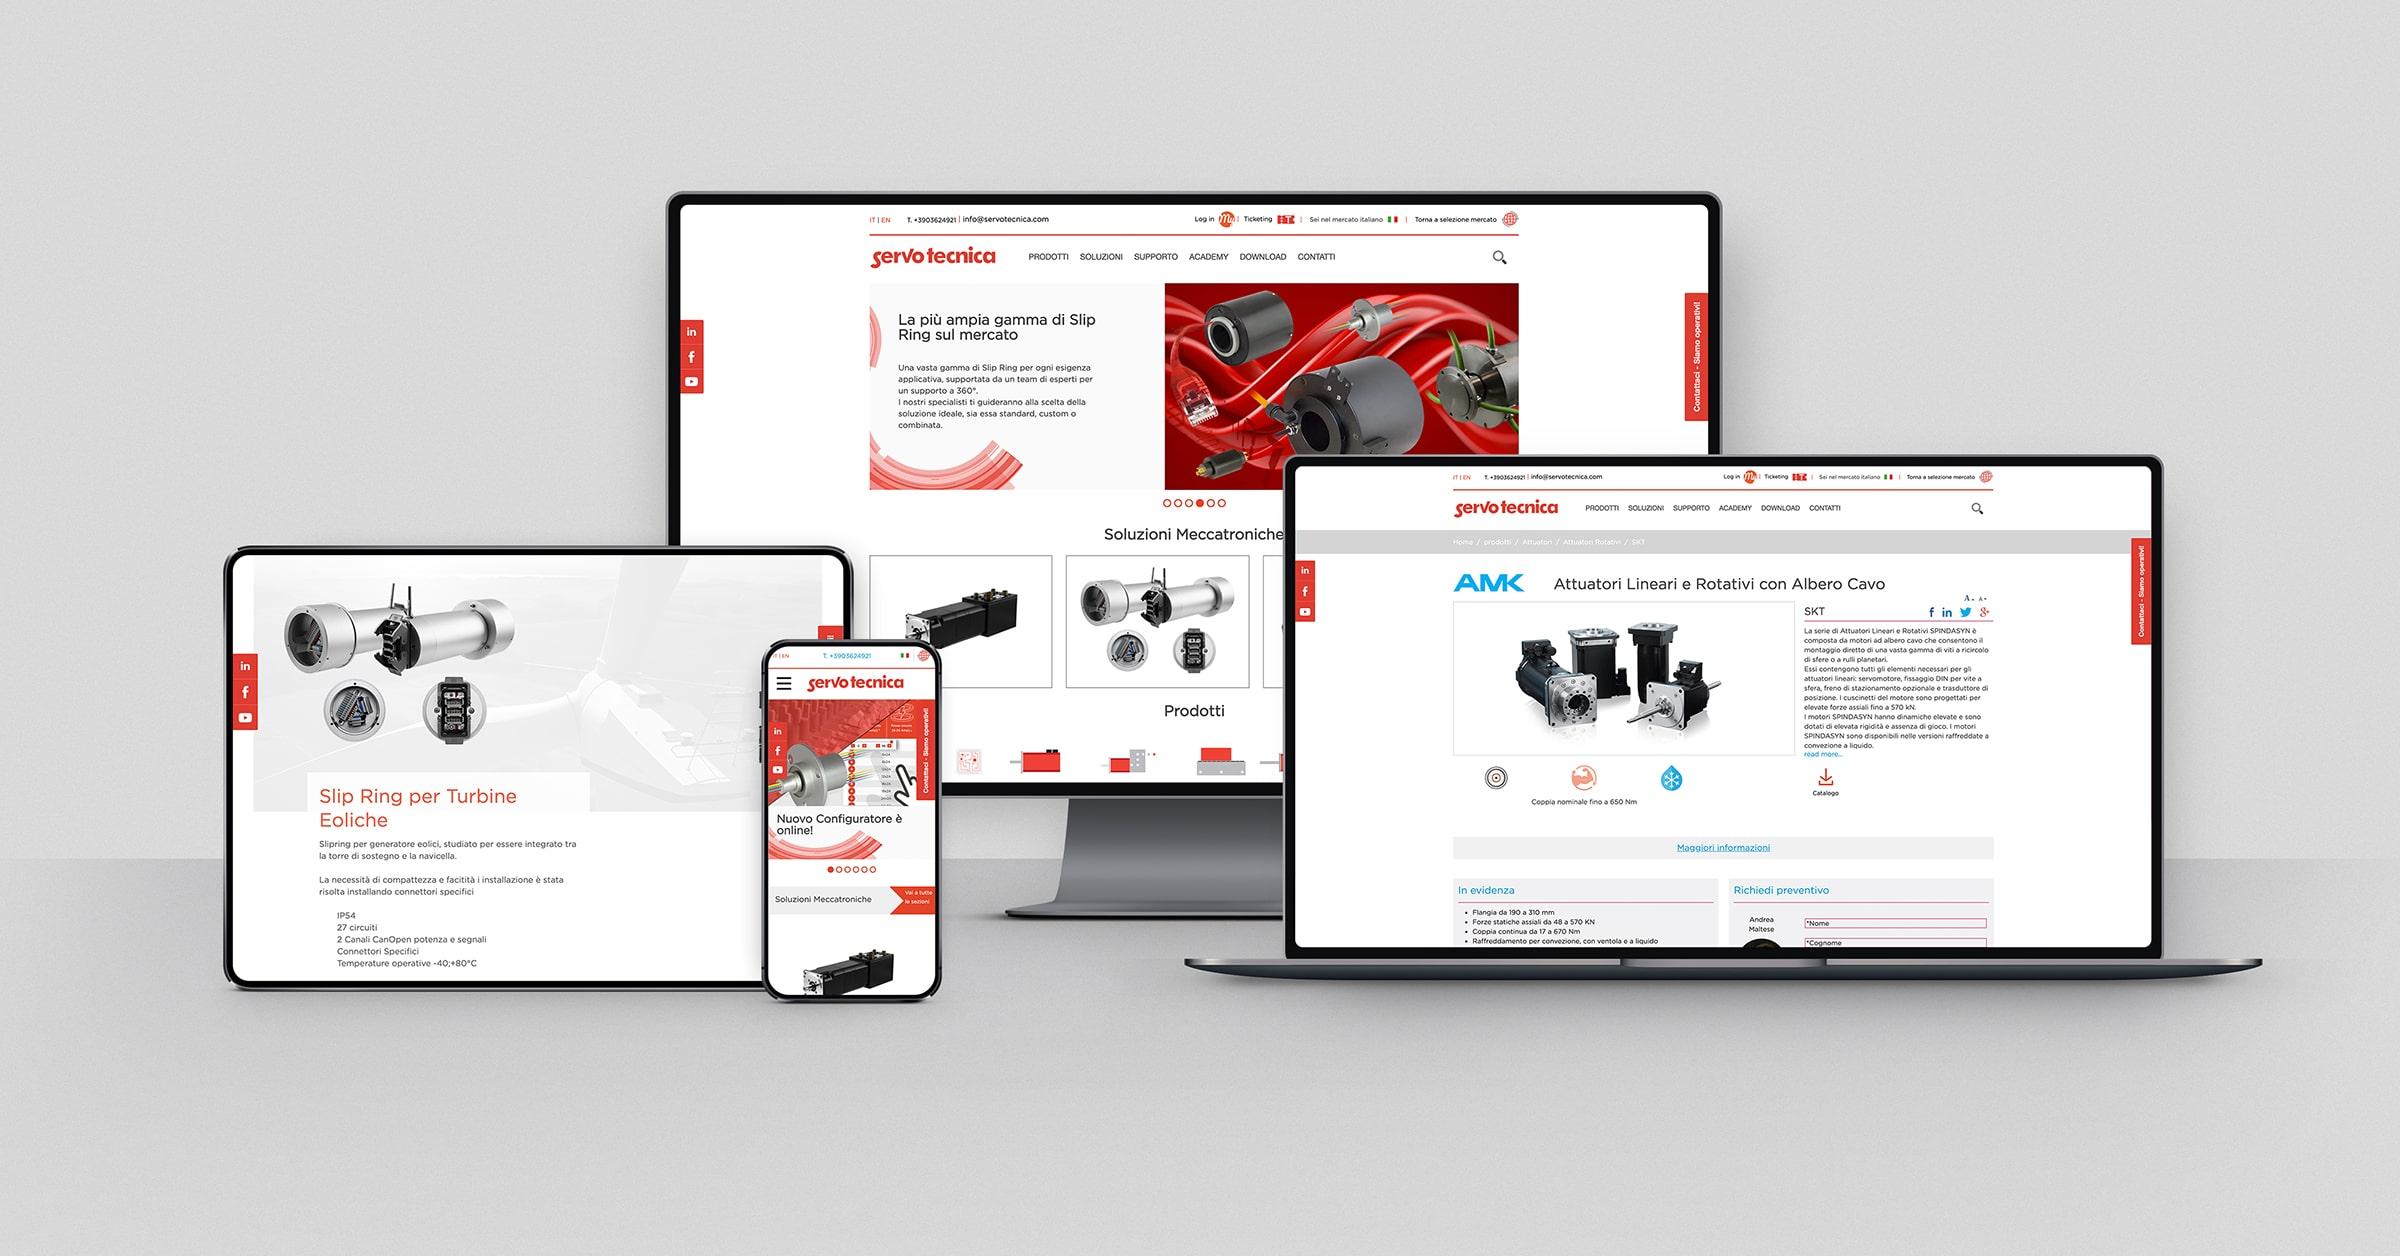 Panoramica dispositivi servotecnica.com